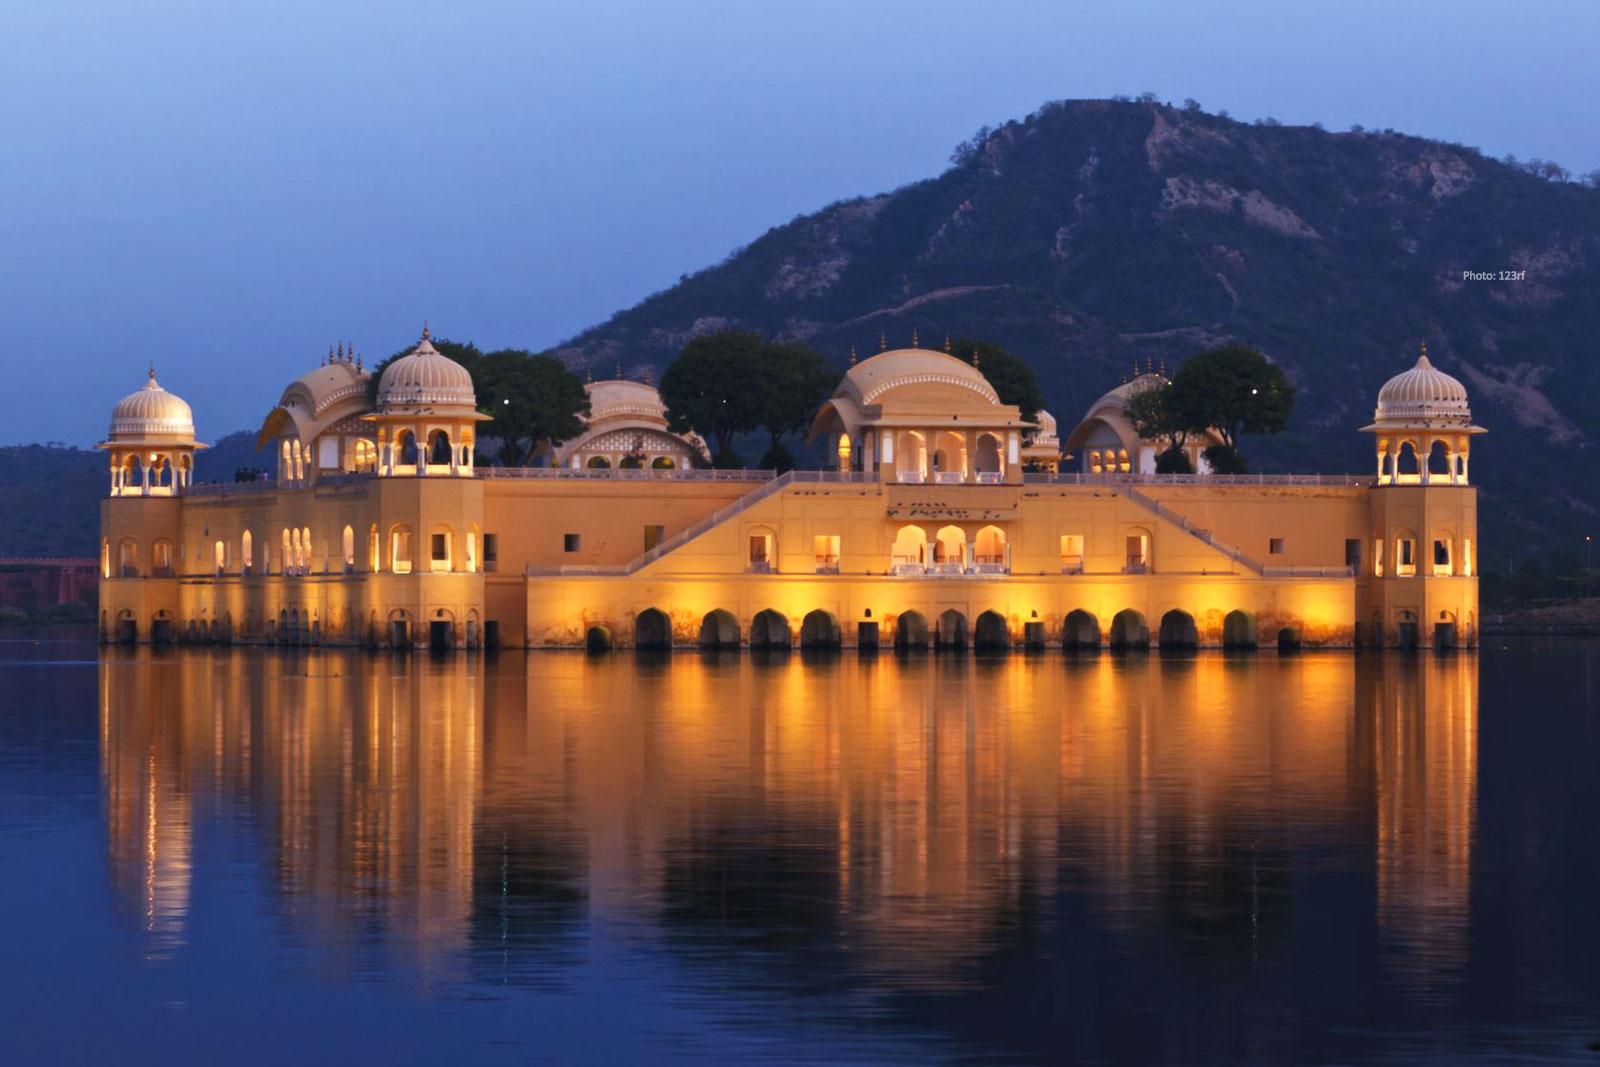 Romantic Rajasthan Trip - Jaipur, Pushkar Mount Abu